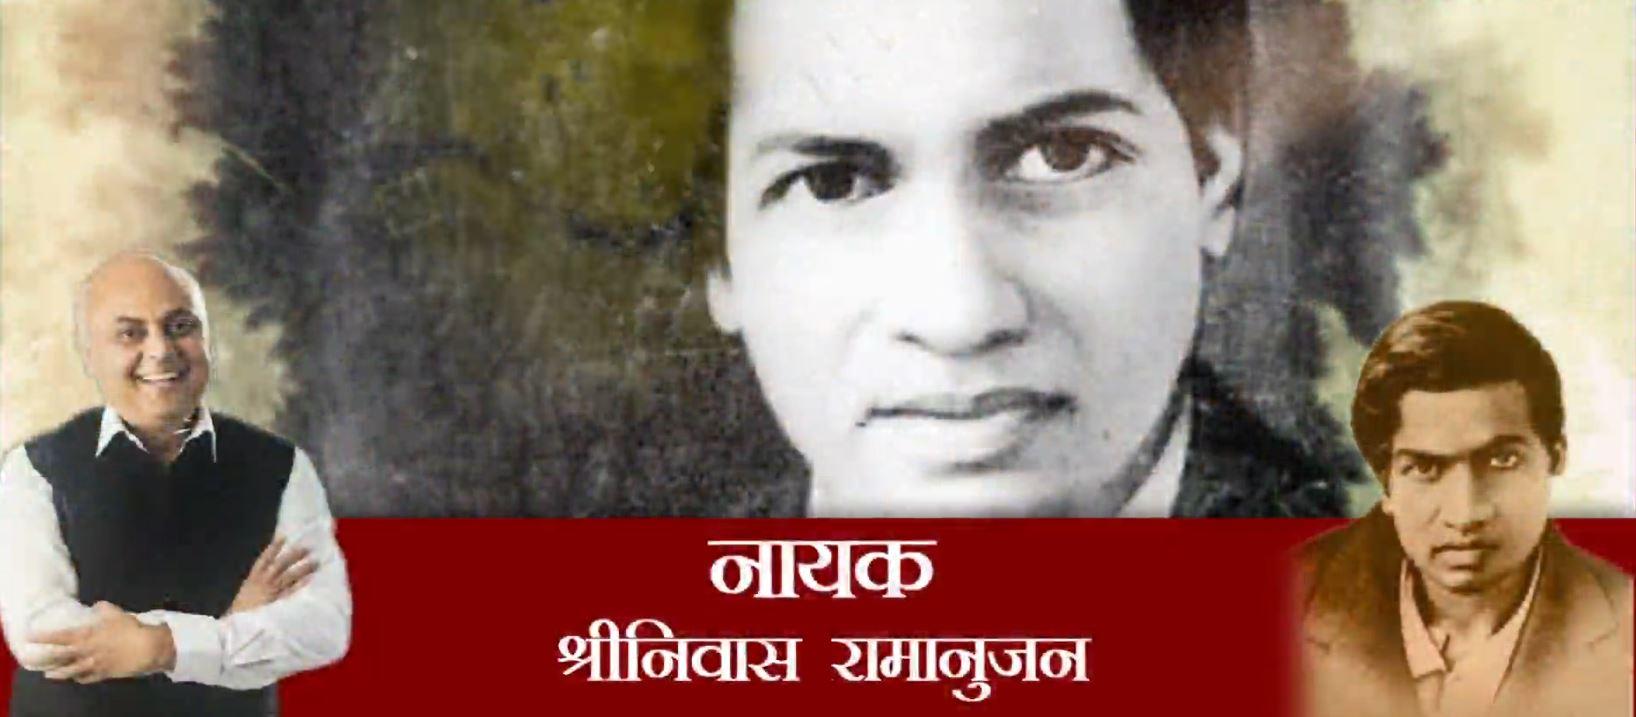 Srinivasa Ramanujan: कहानी उस जीनियस की जो एक ही सवाल को 100 तरीकों से सॉल्व करता था…